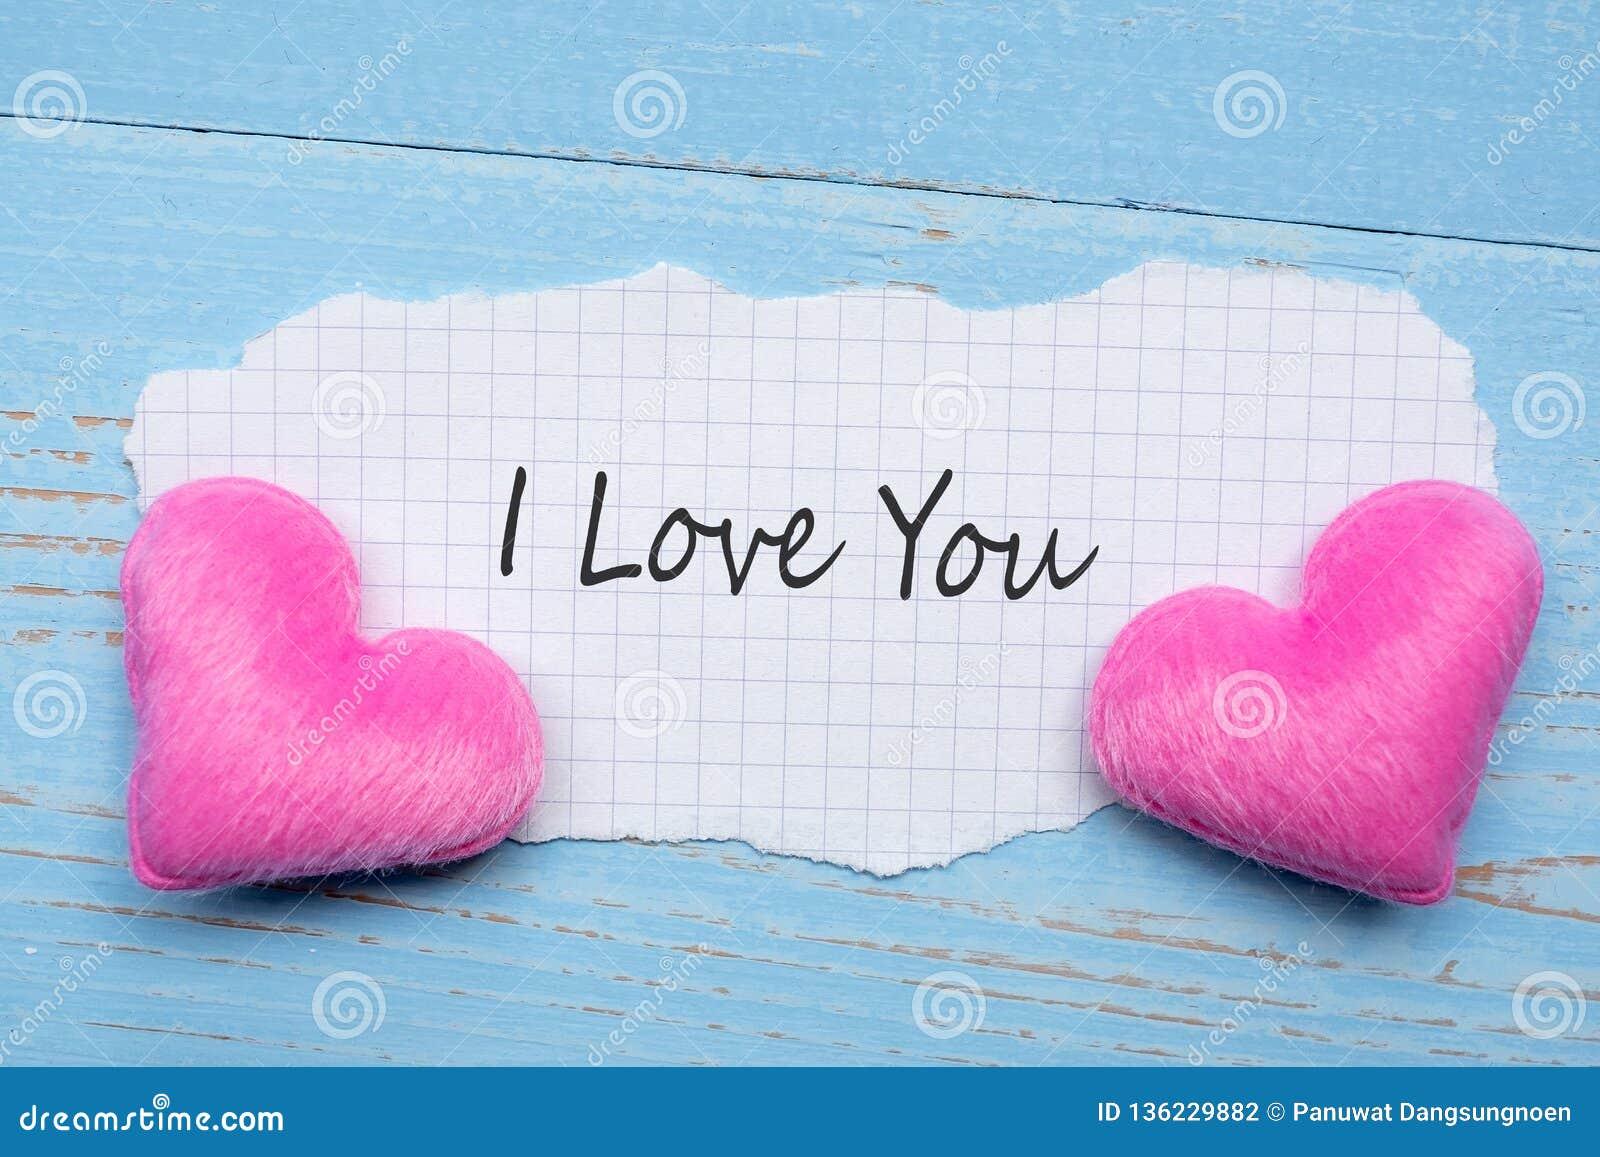 ICH LIEBE DICH Wort auf Papieranmerkung mit Herz-Formdekoration der Paare rosa auf blauem Holztischhintergrund Heirat, romantisch